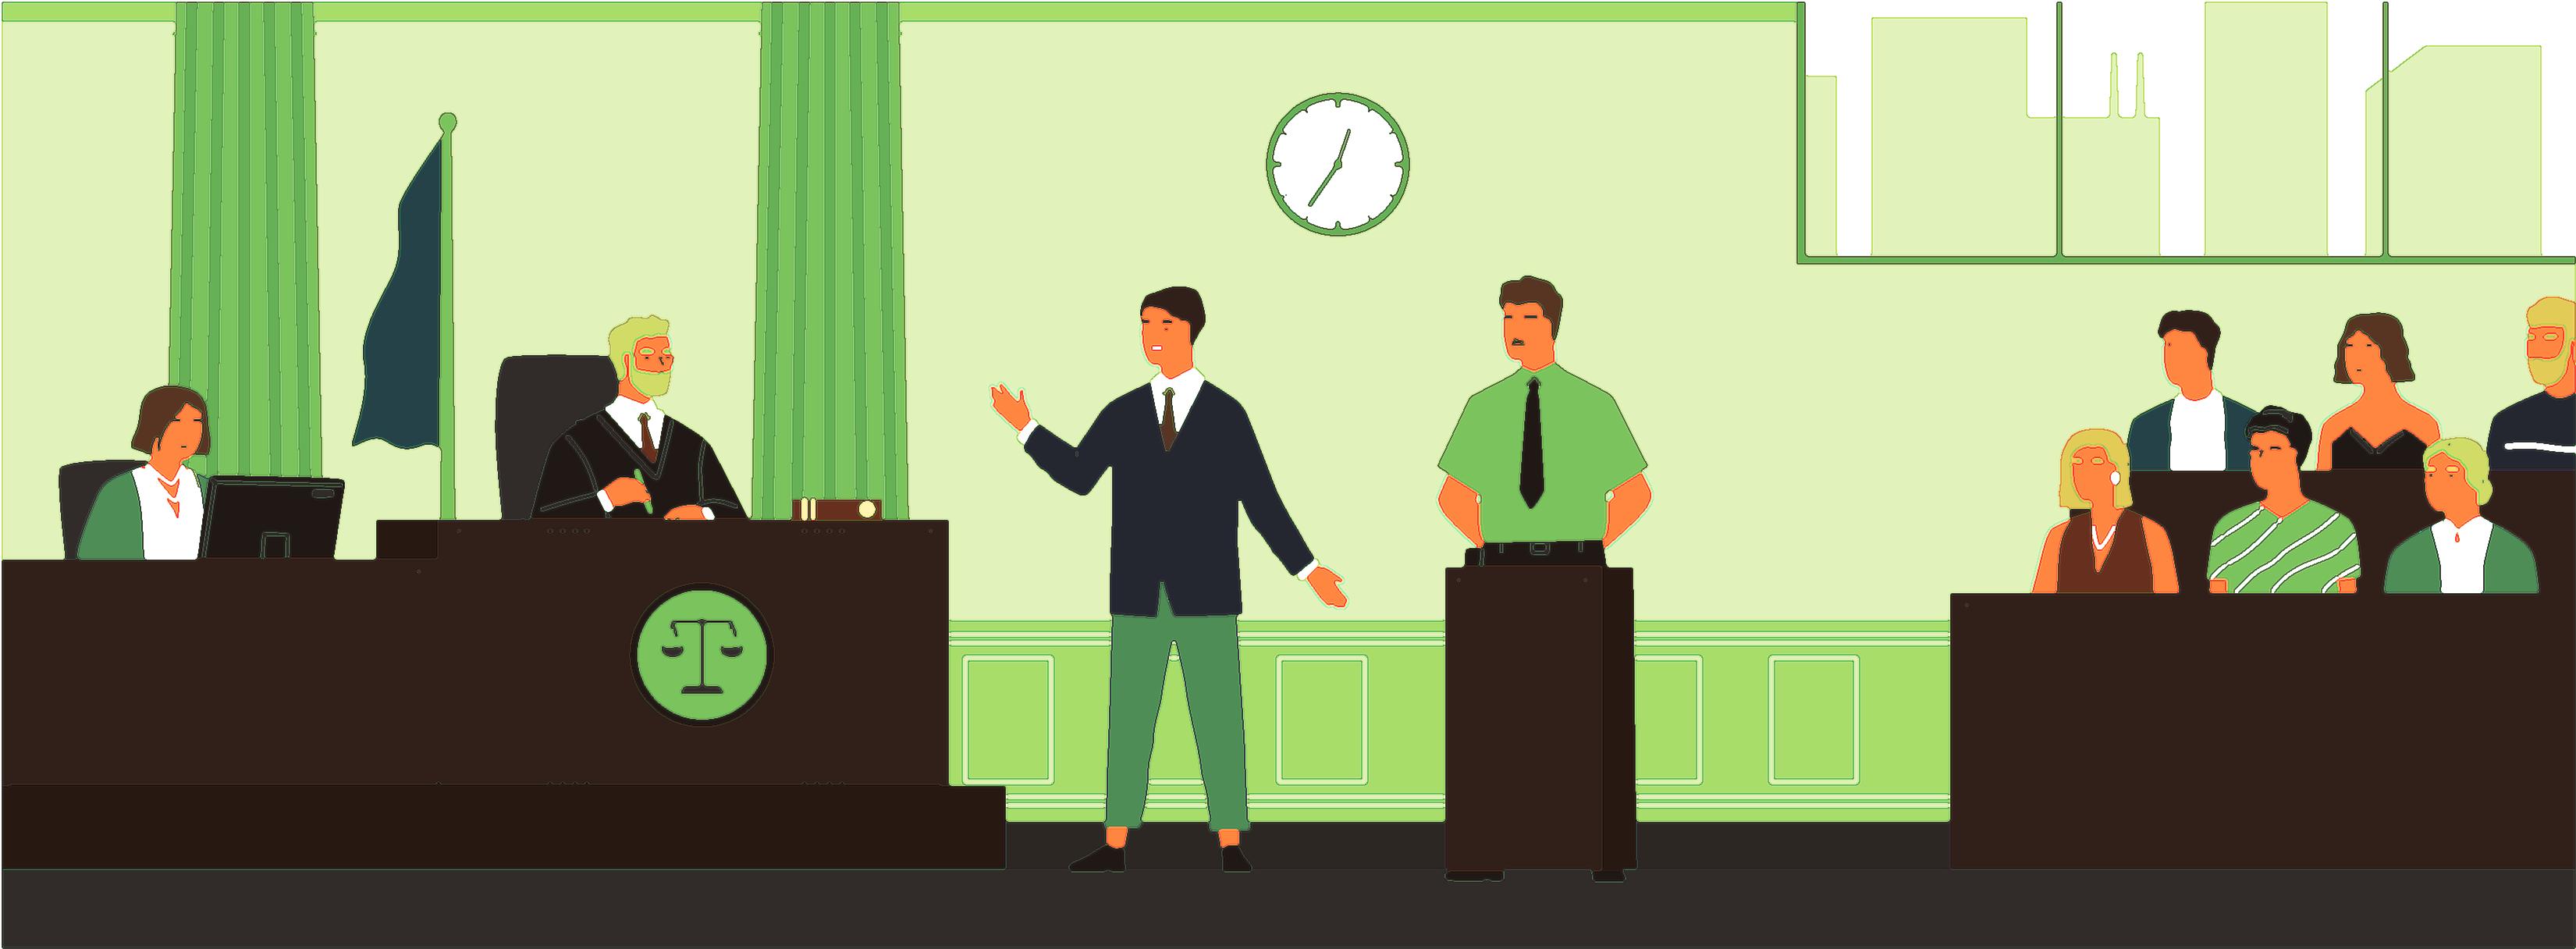 решение суда, судебные юристы и адвокаты